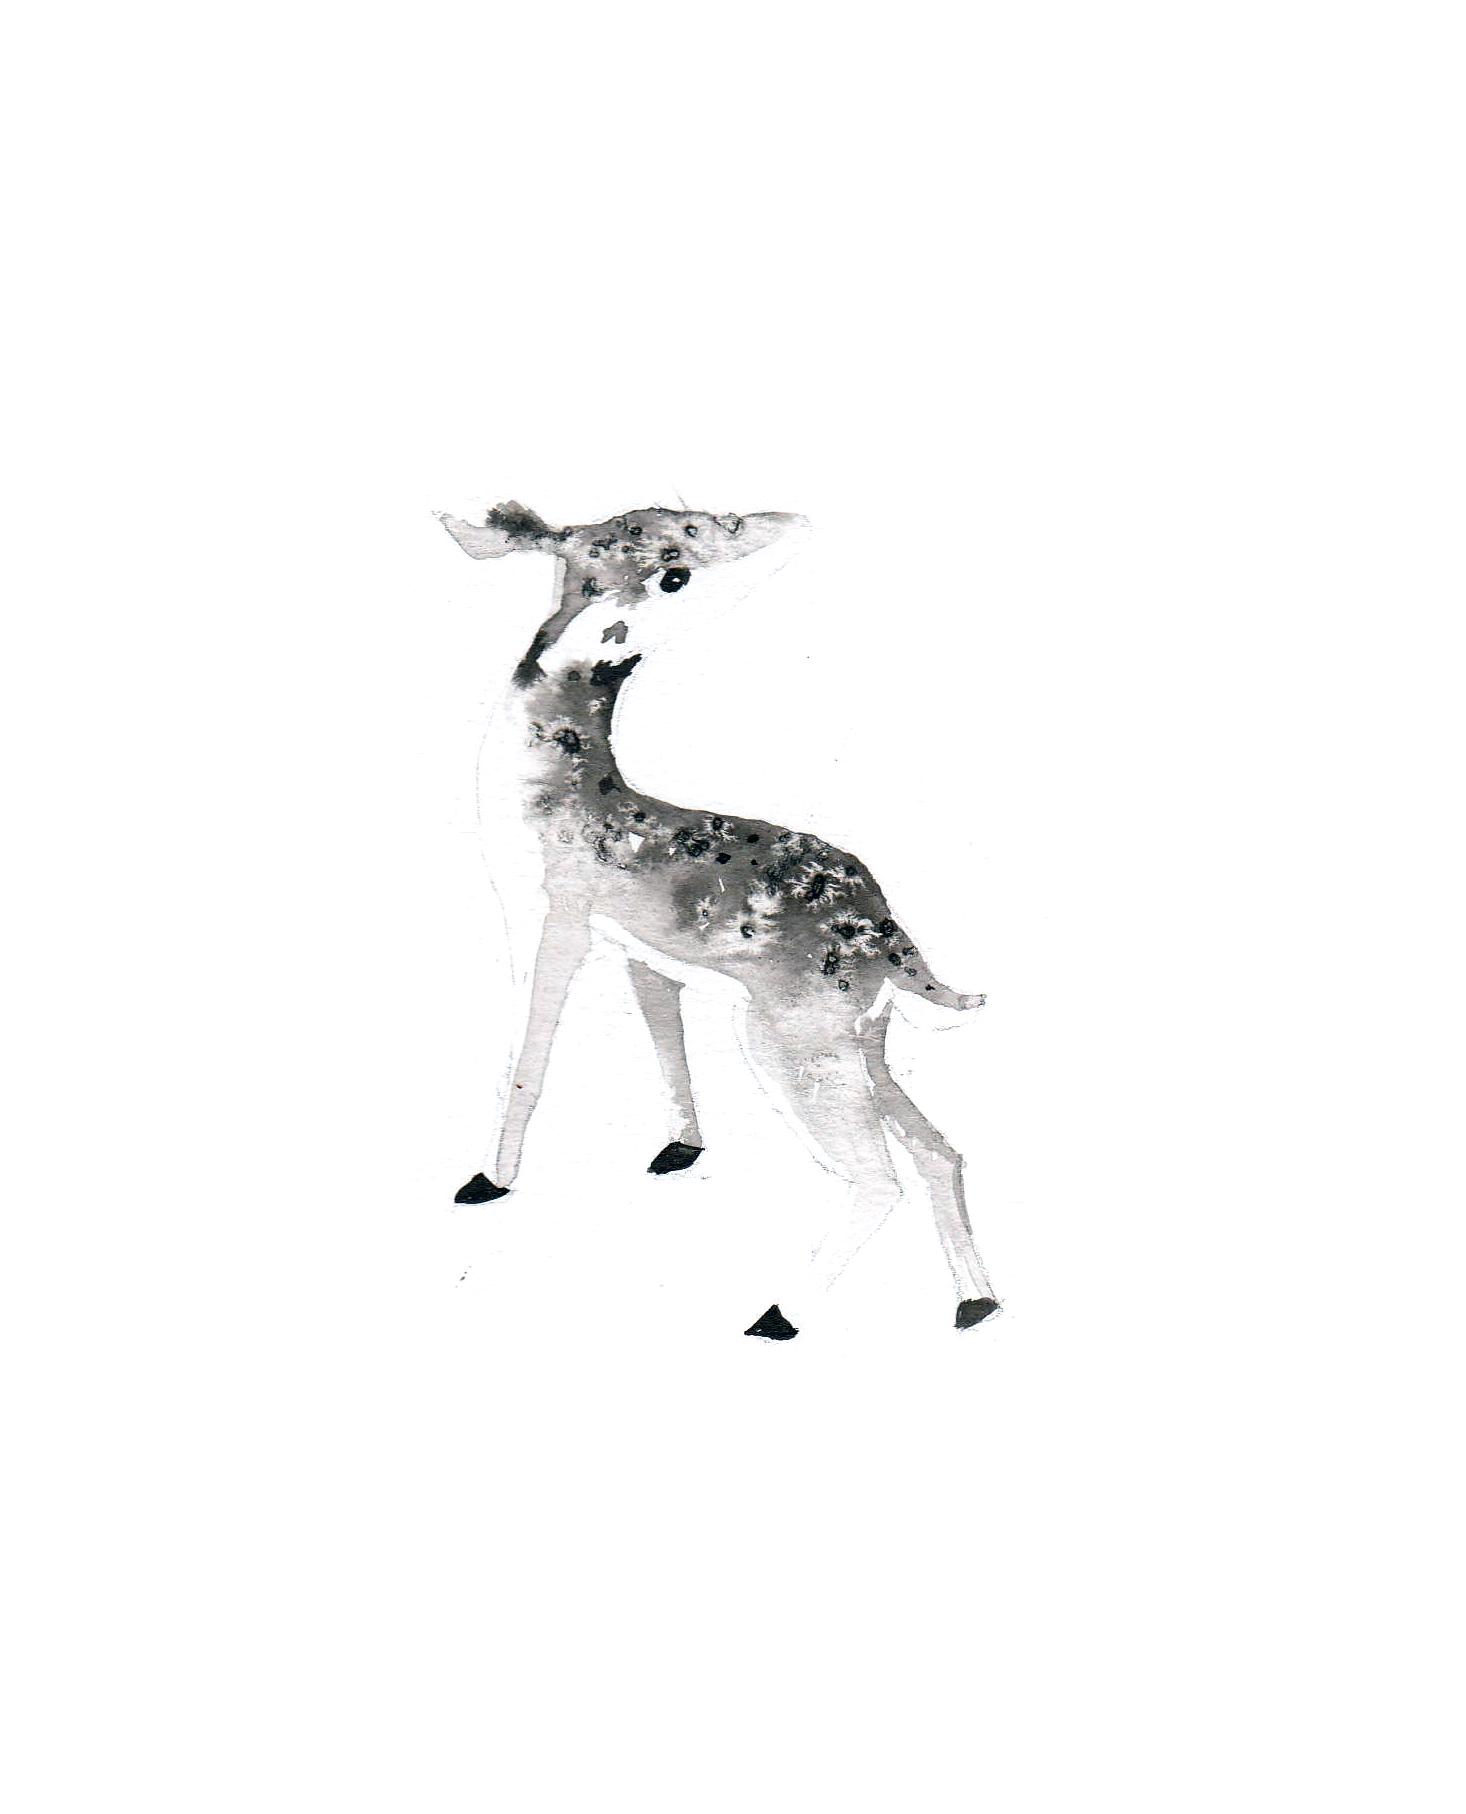 deer website.jpg